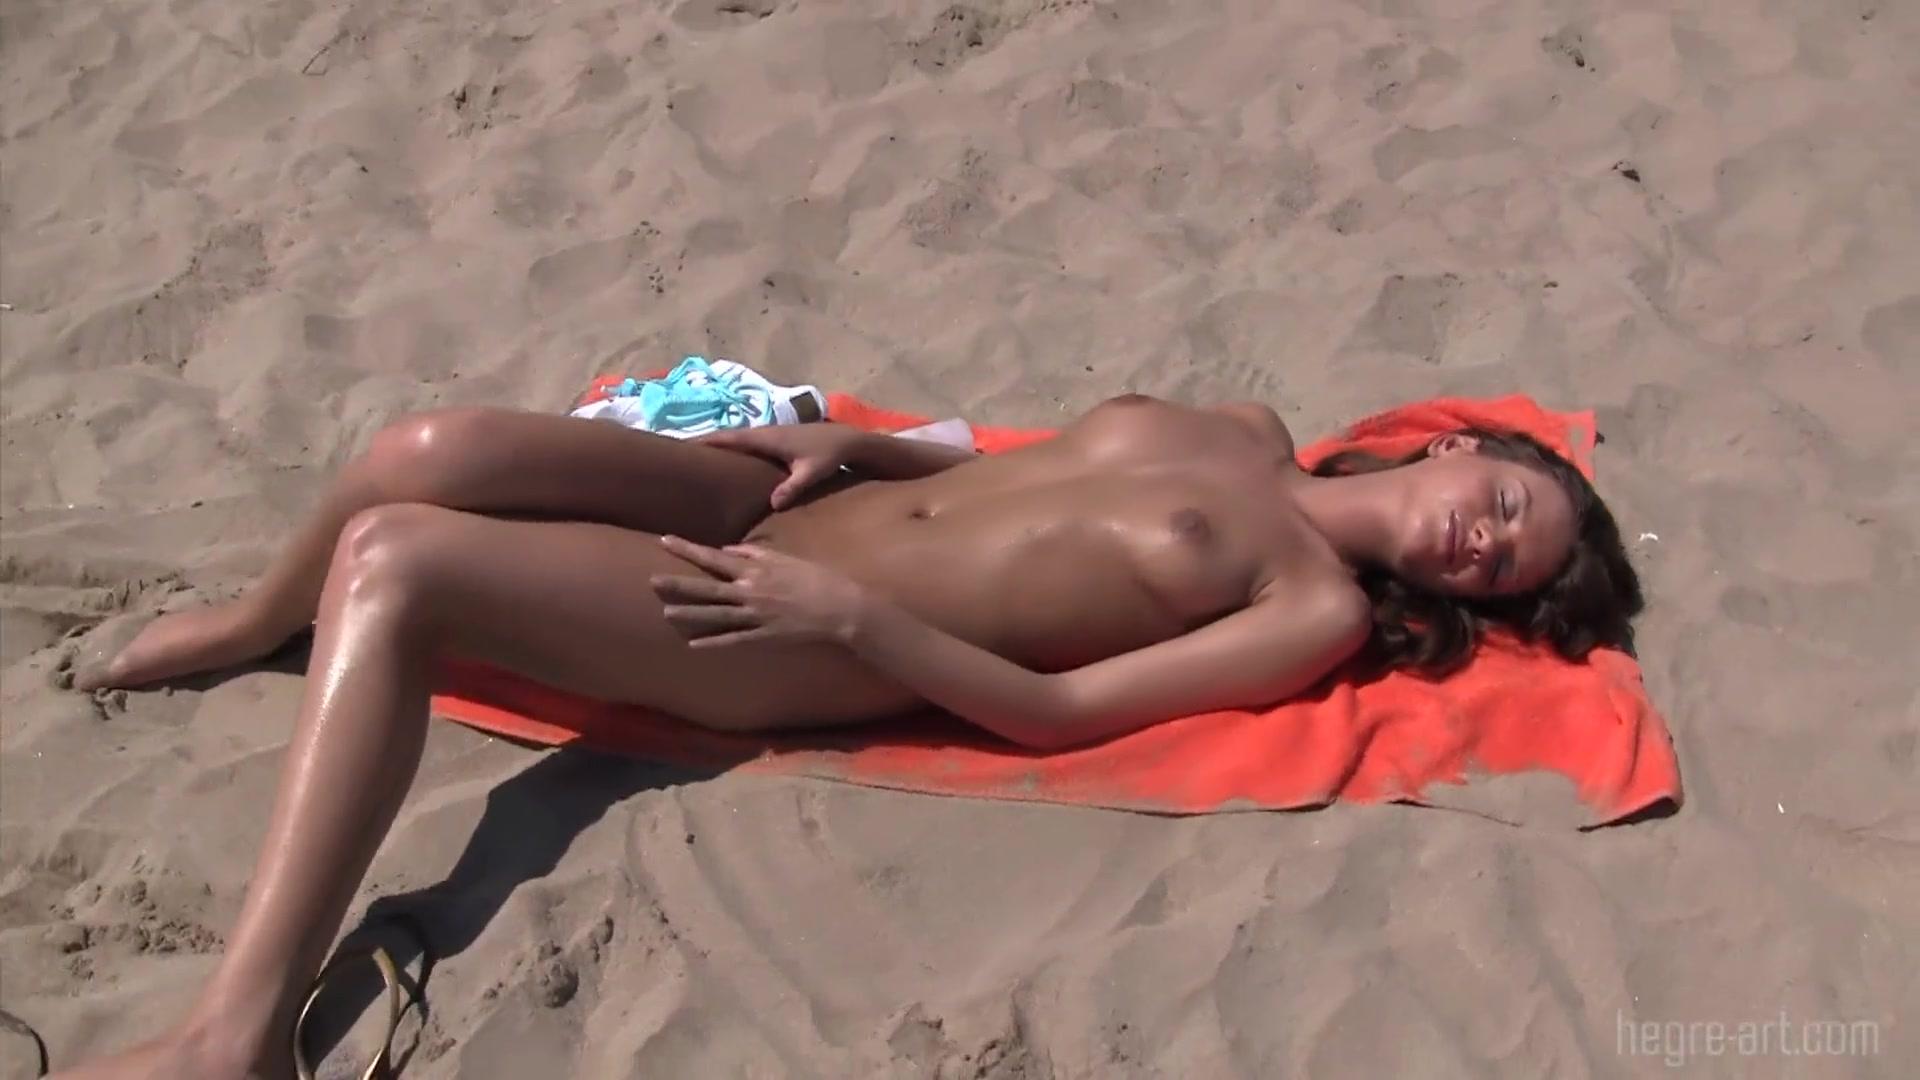 Нудистский hegre нудистскийпорнофильм - сайт горячего порно video